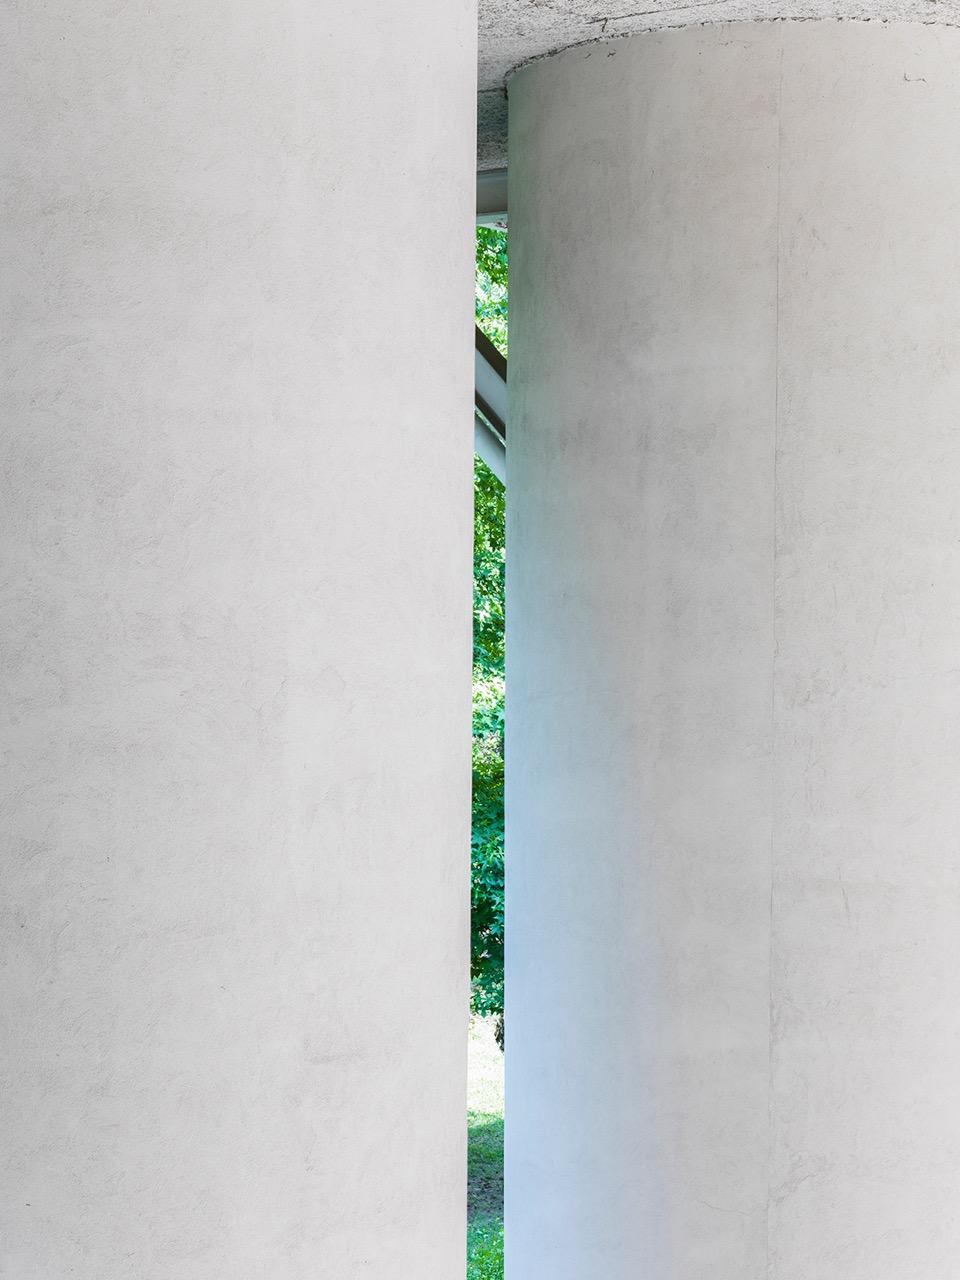 fotografia dell'edificio al Gallaratese di Aldo Rossi